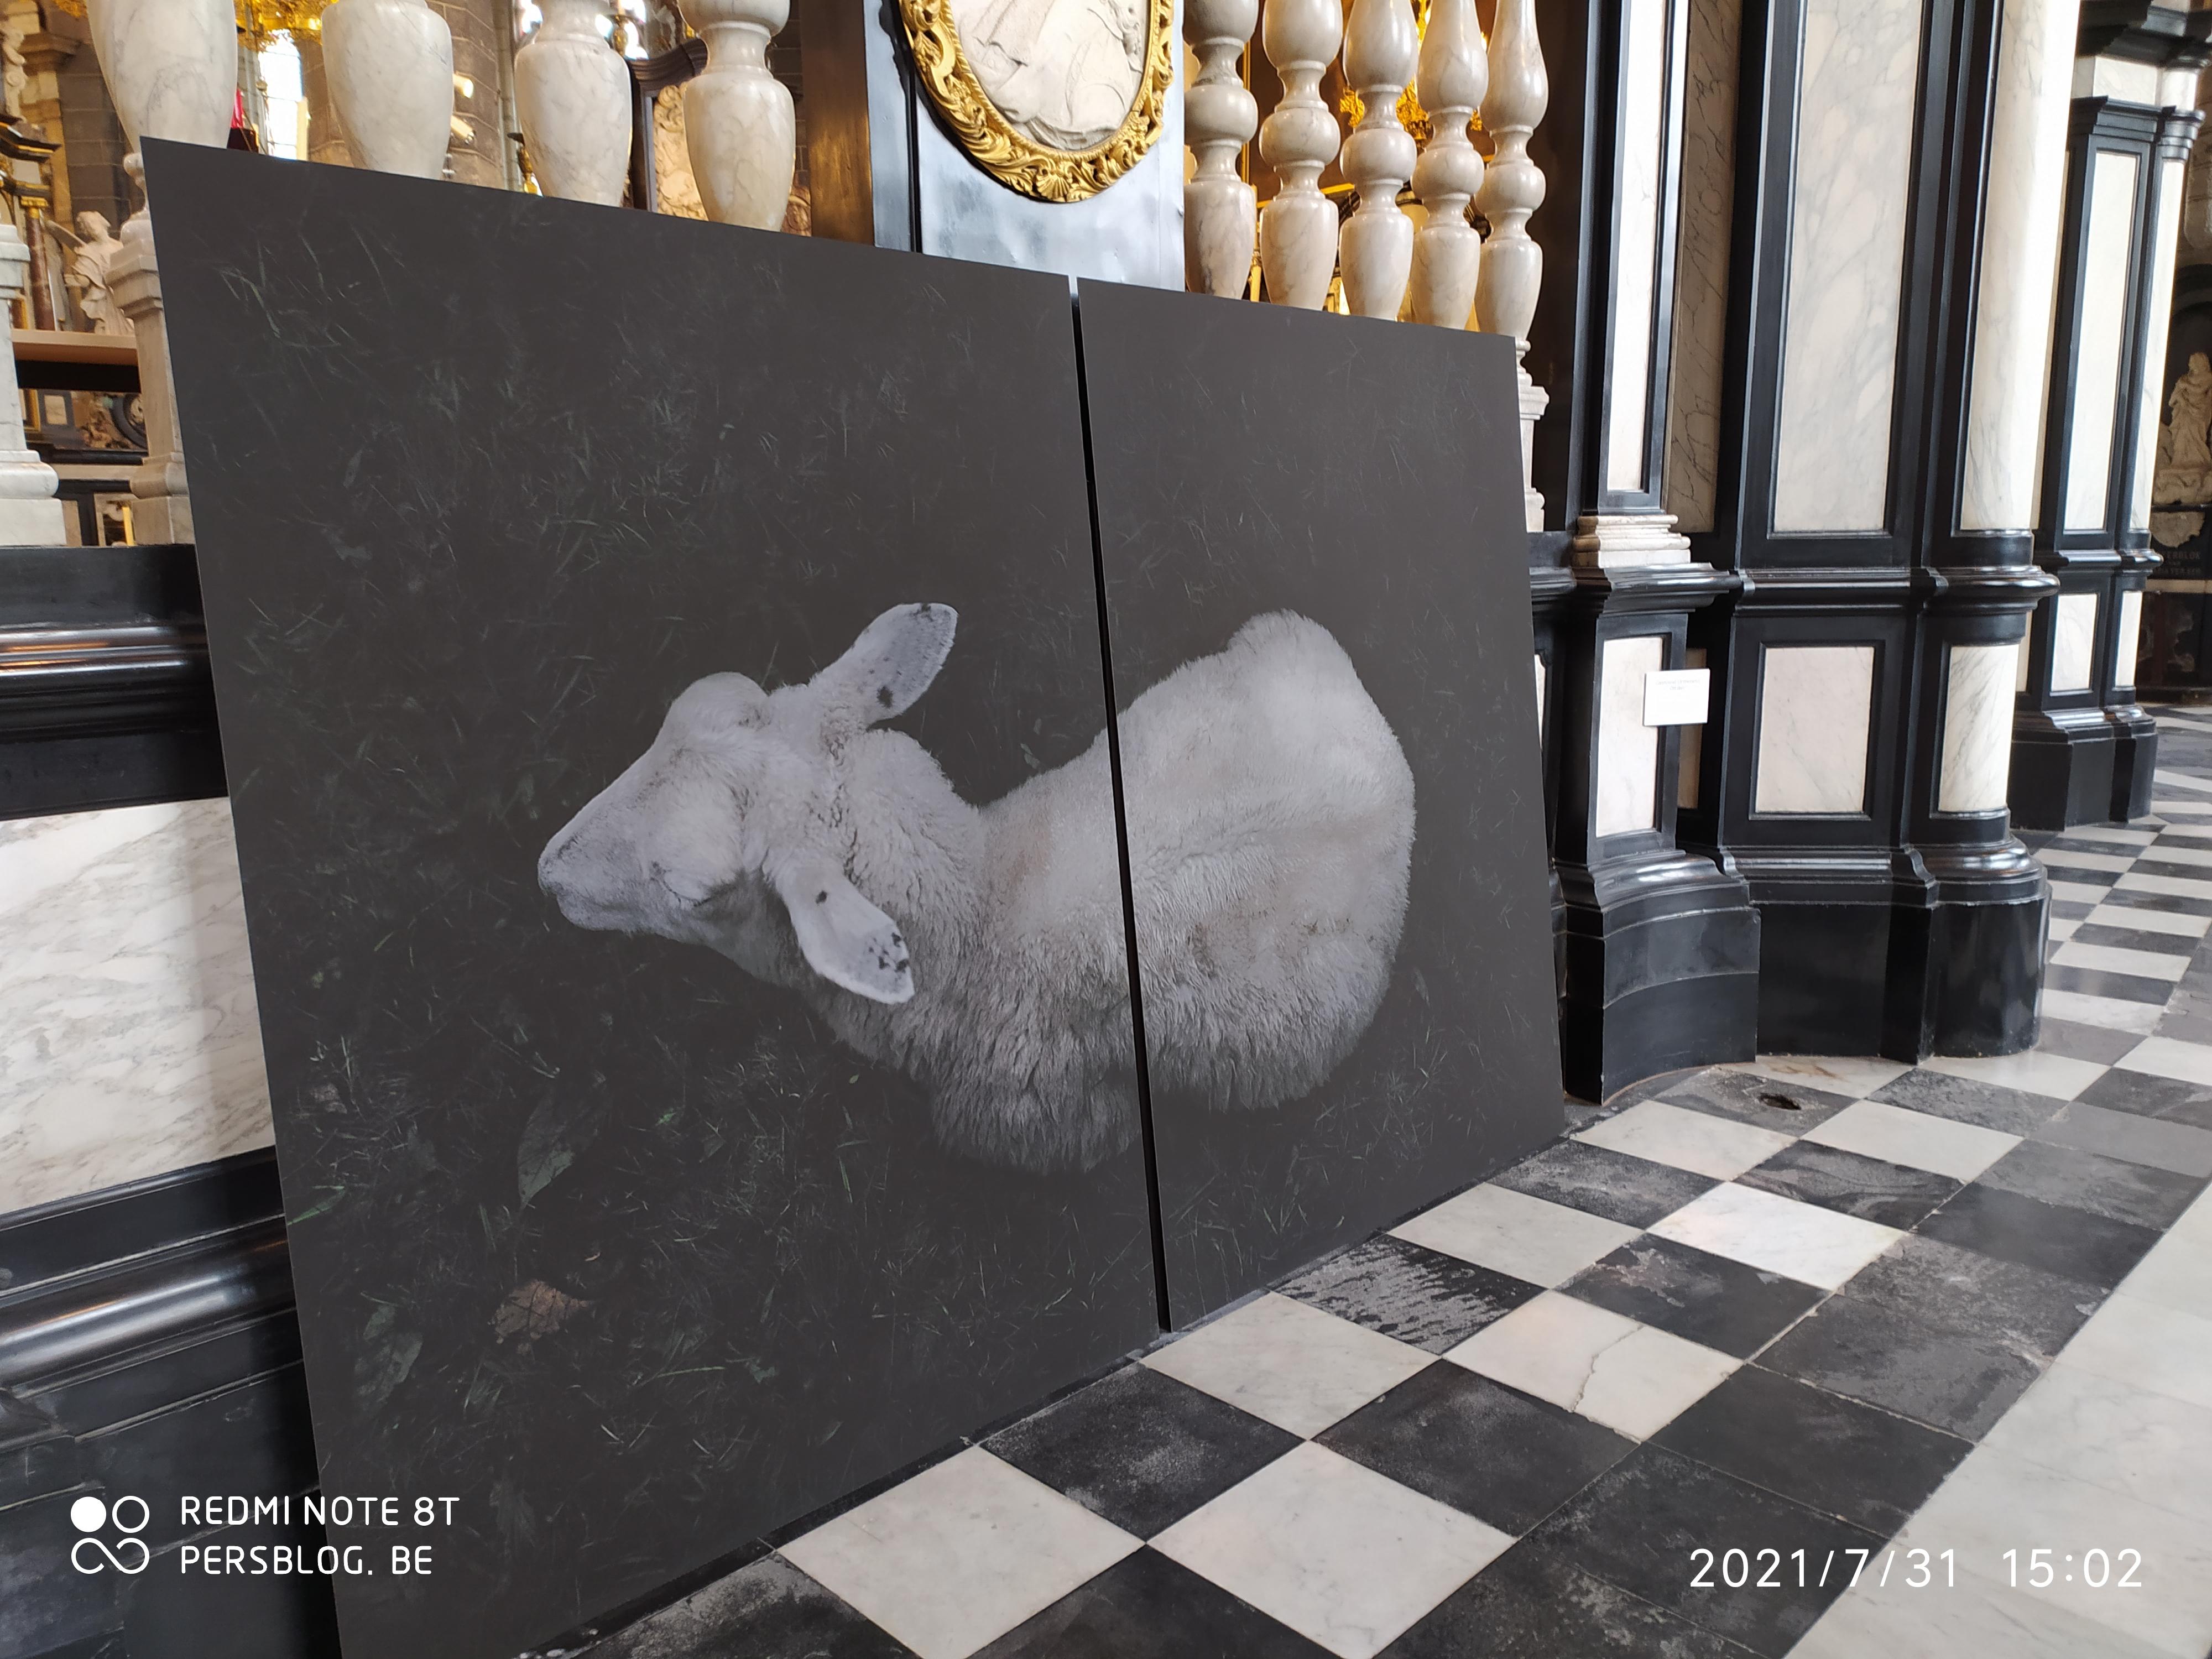 3 Bij Sint-Jacobs - Sint-Jacobskerk - kunstexpositie (2)